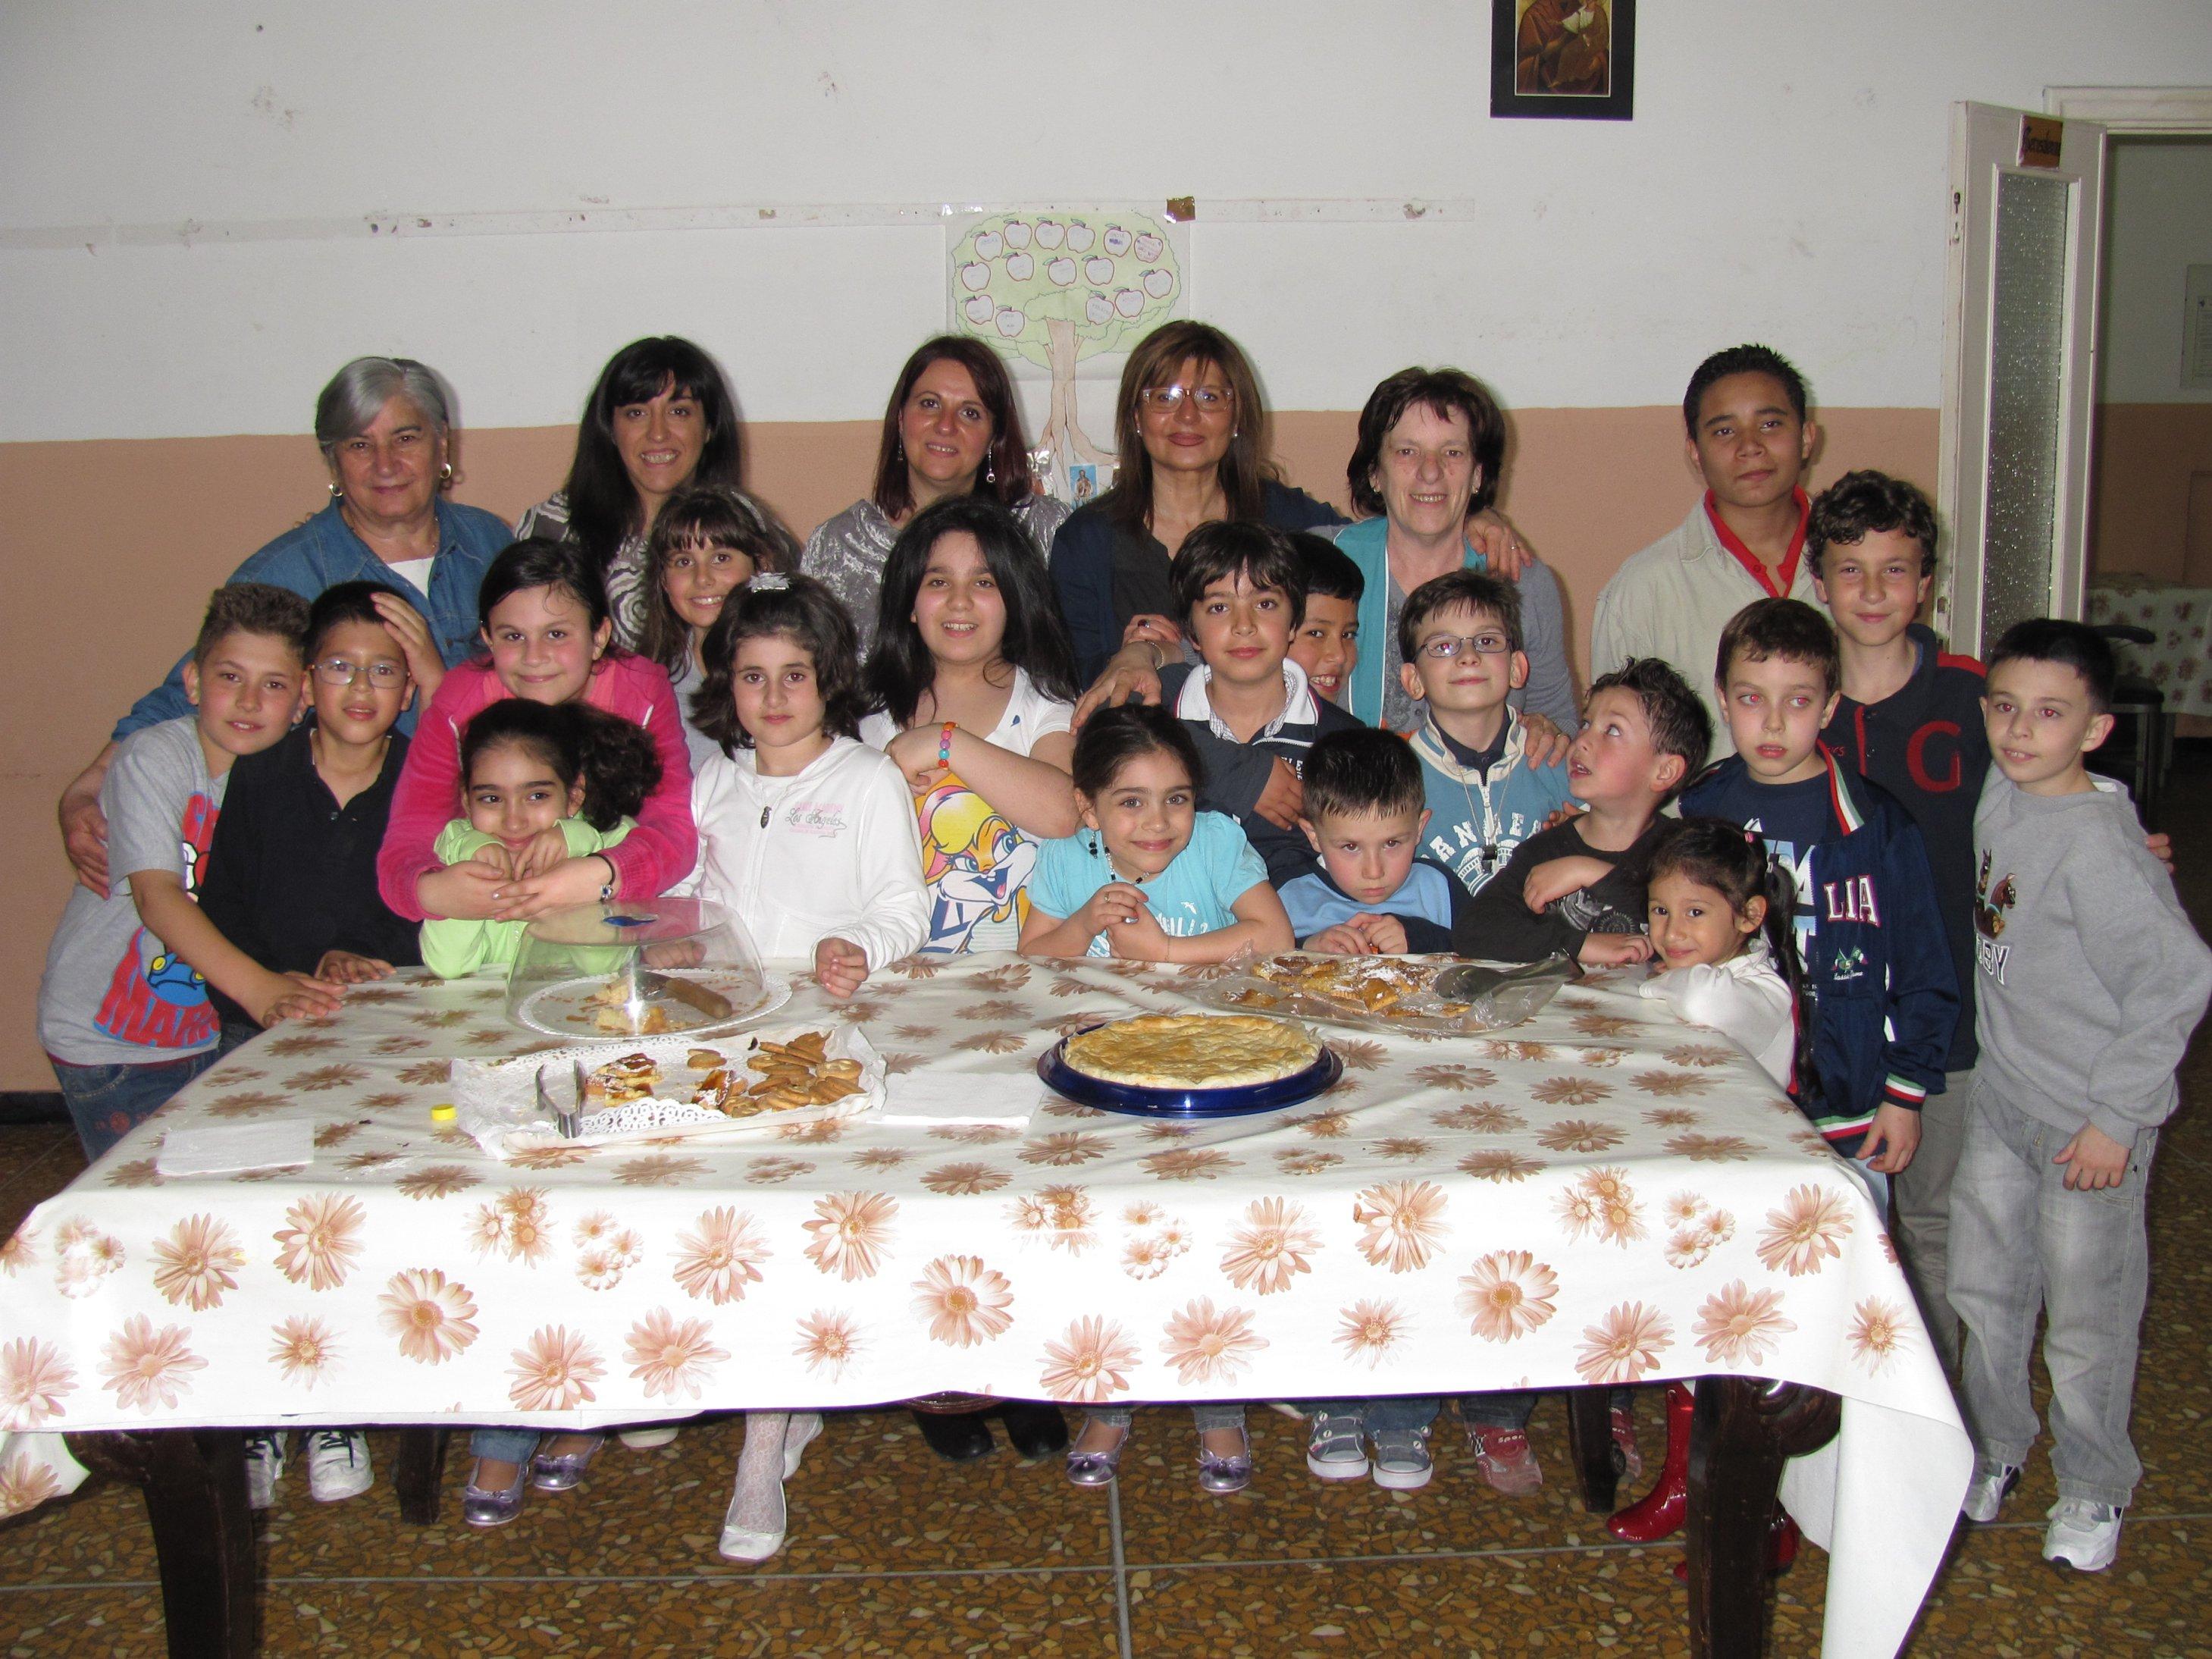 cena_prima_comunione_2012-04-28-20-44-19